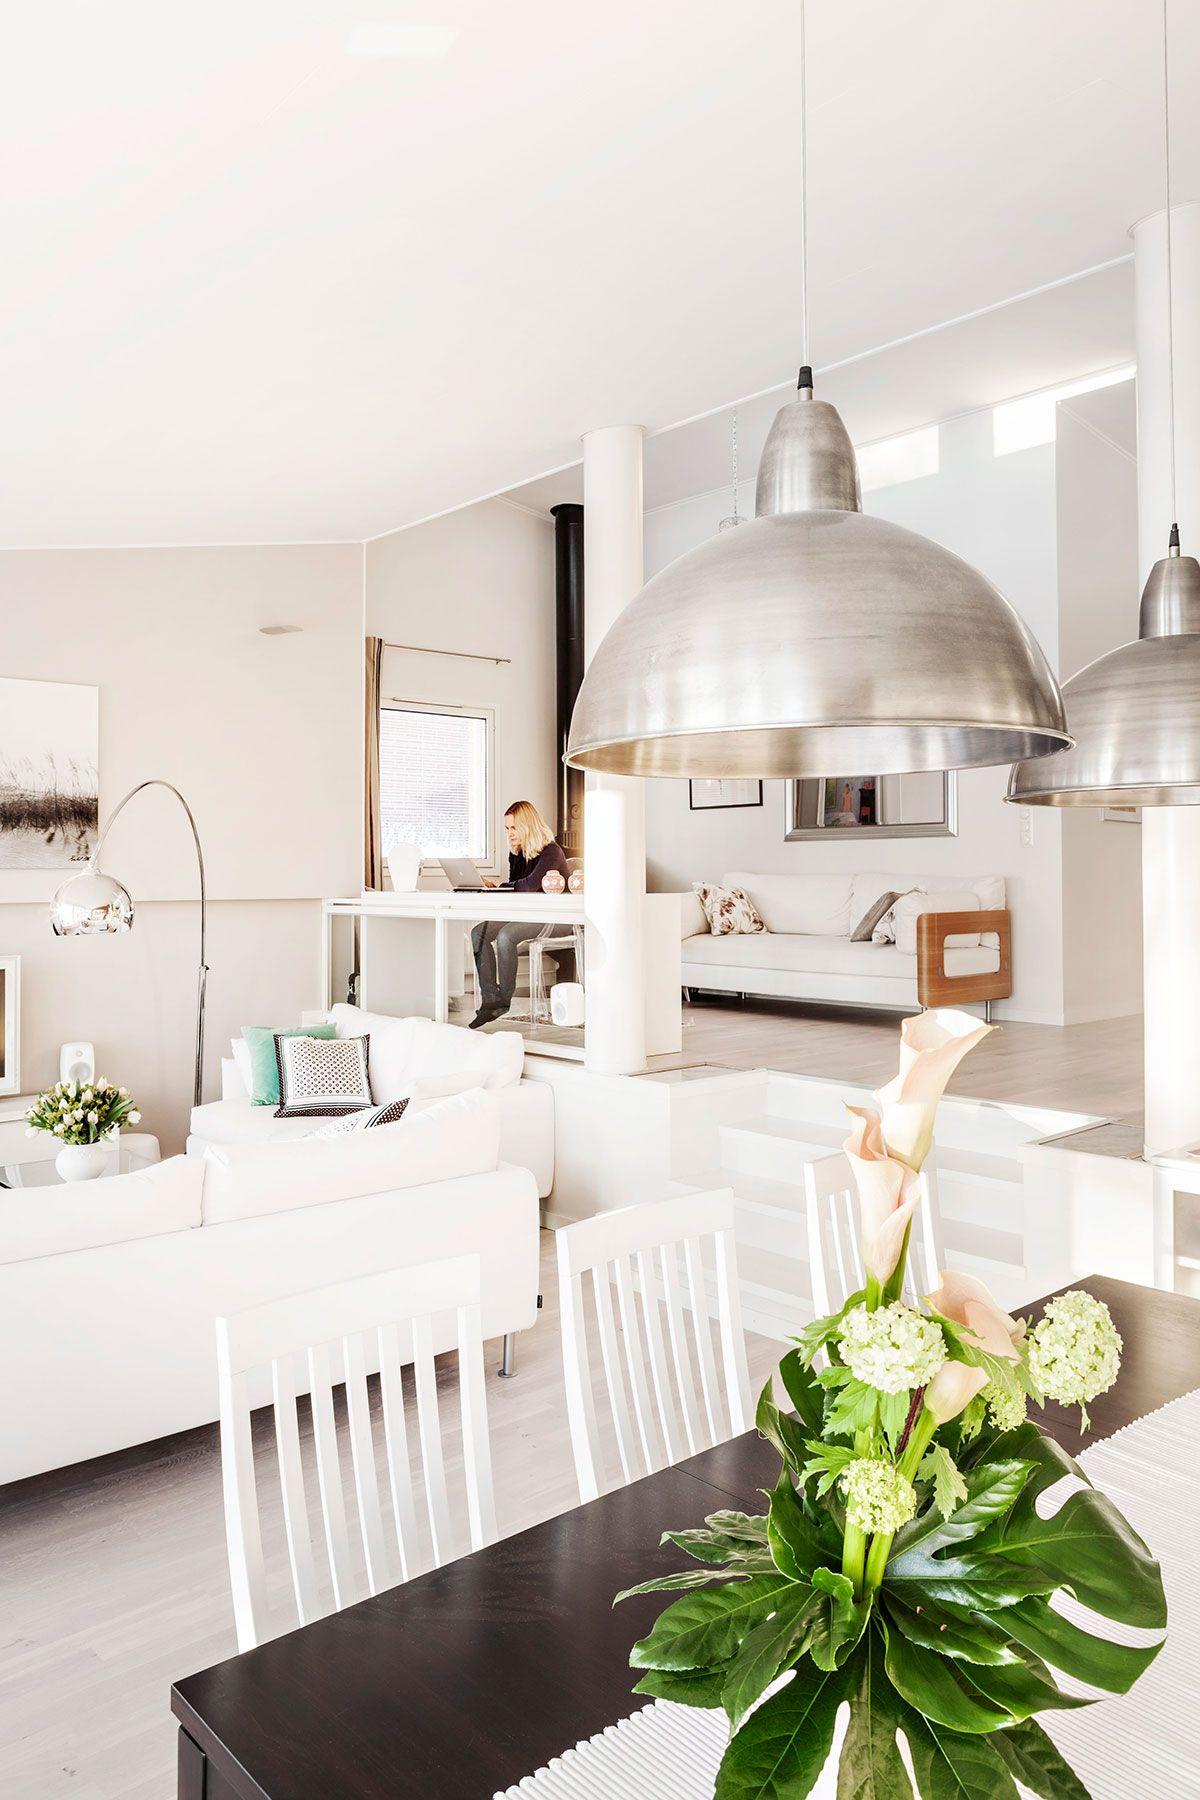 Kahteen tasoon jakautuvassa yhtenäisessä työ-oleskelu-ruokailu-keittiötilassa riittää valoa ja avaruutta.